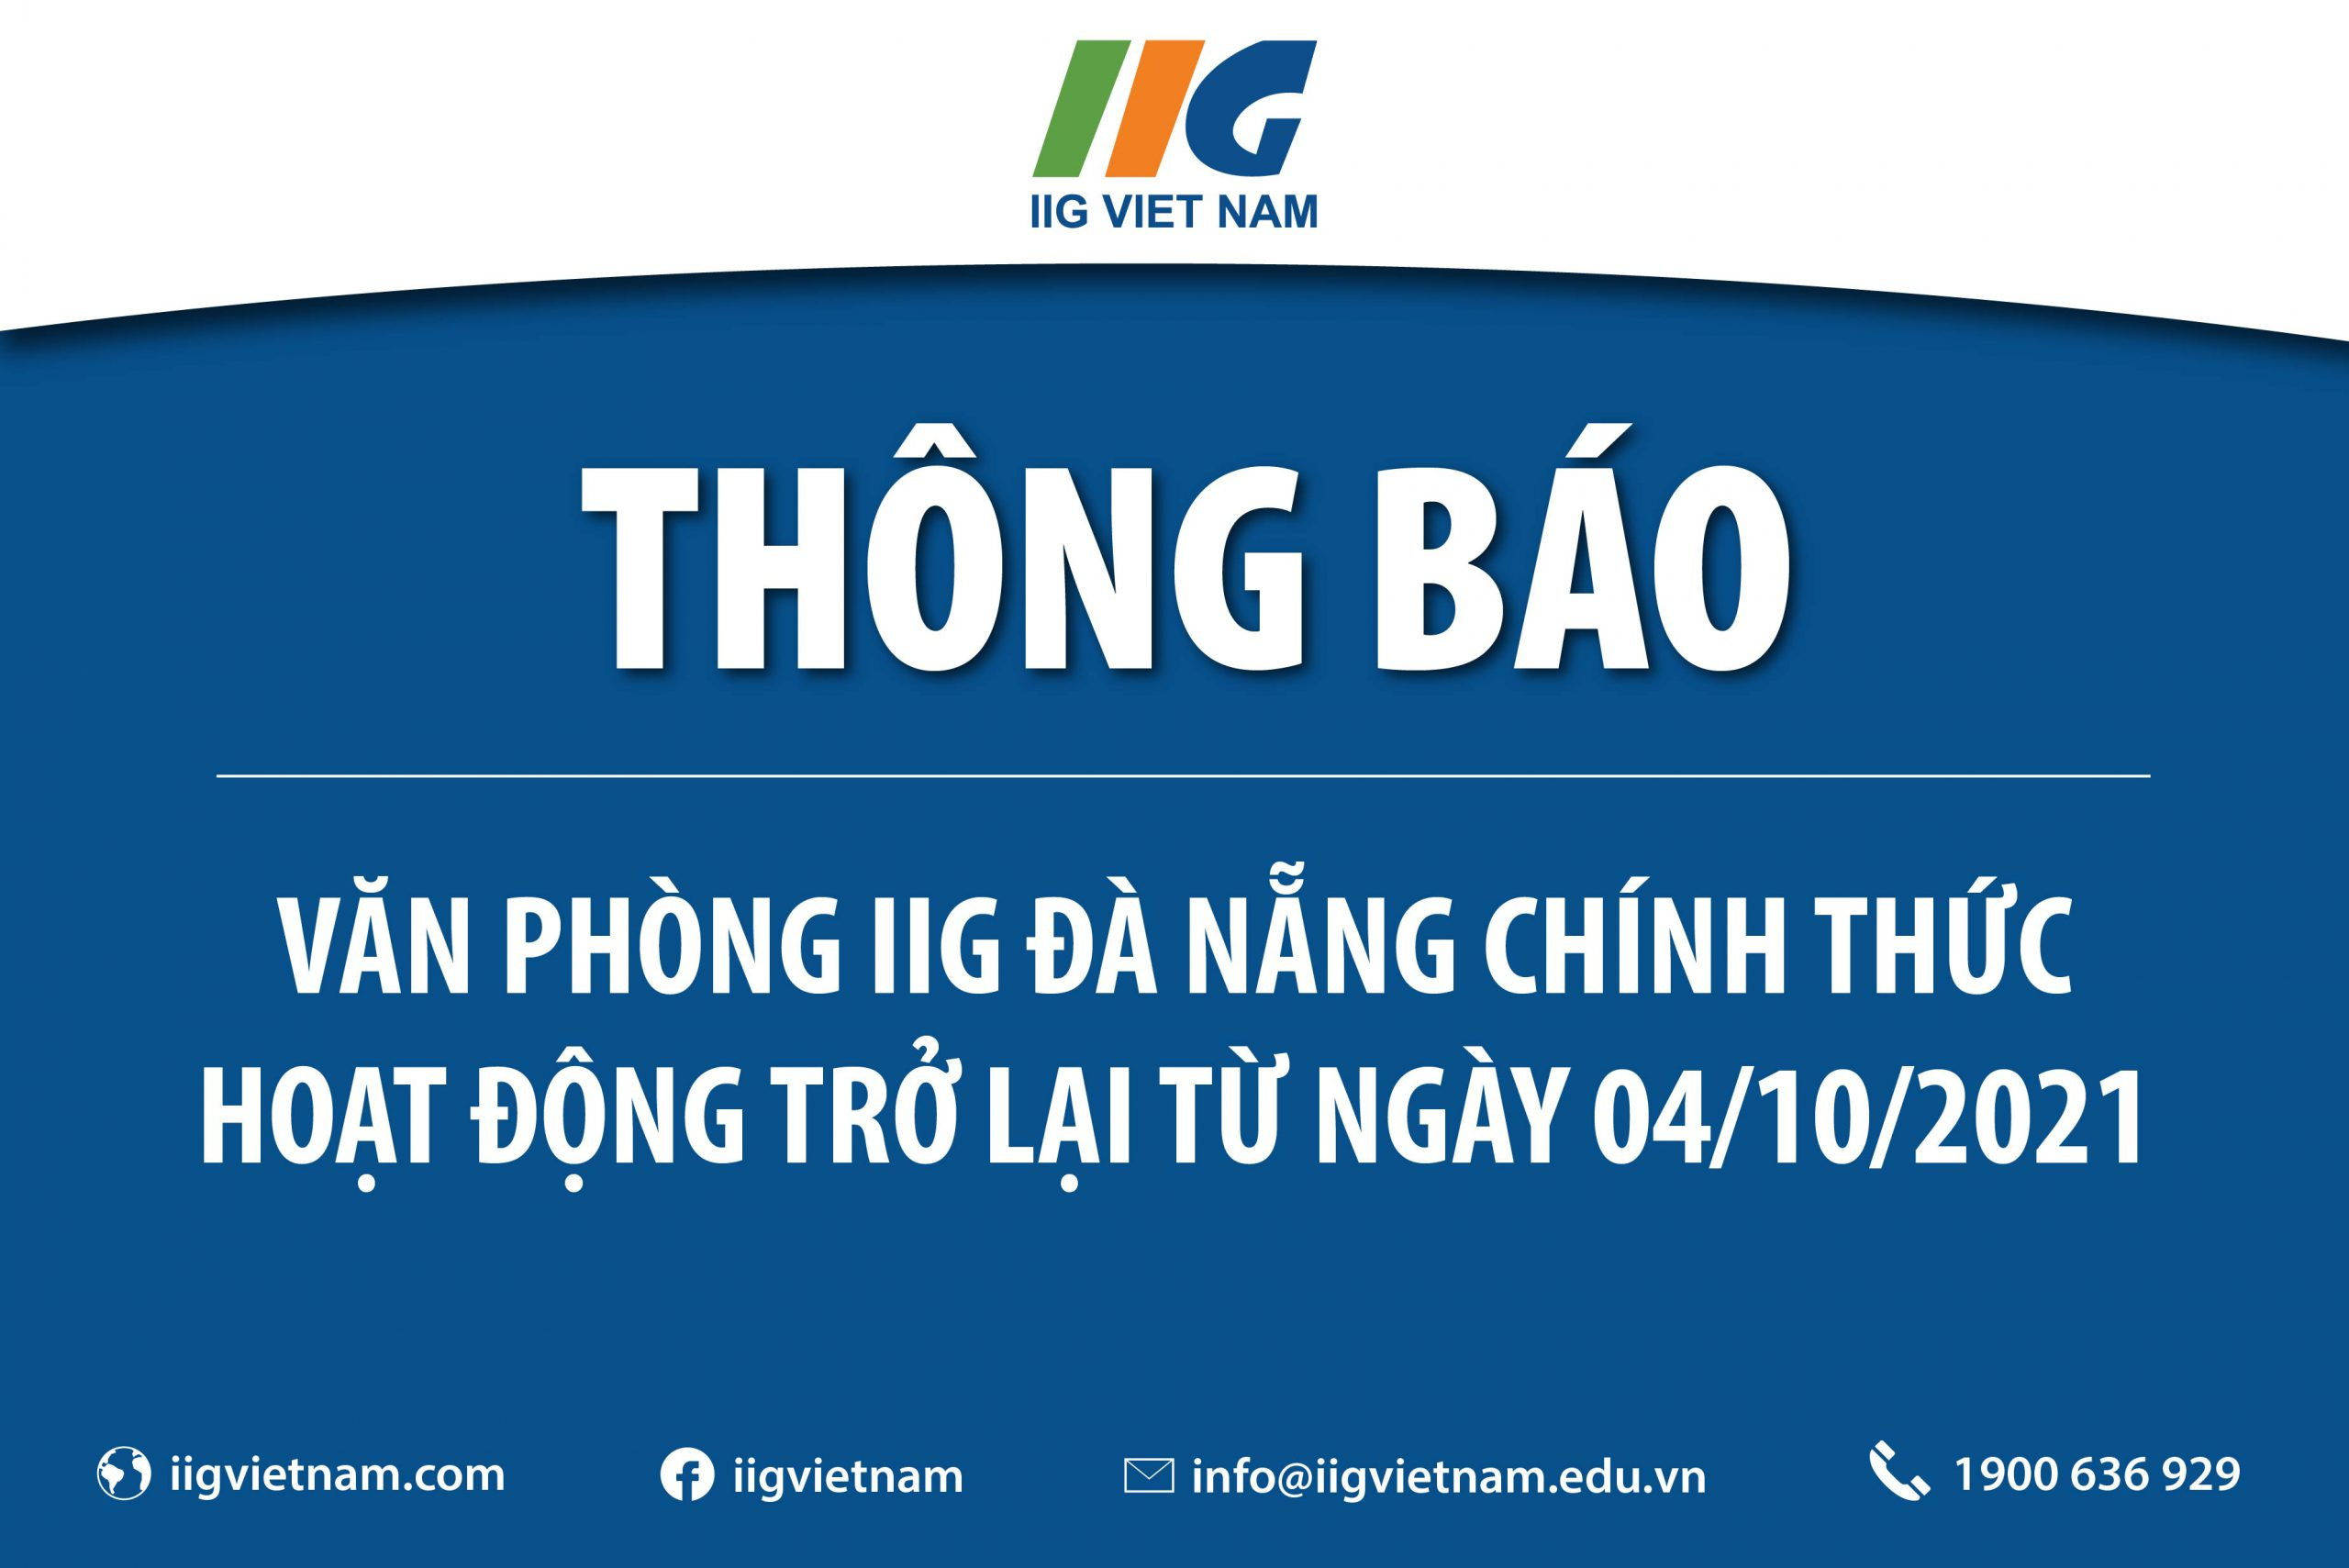 Thông báo: Văn phòng IIG Đà Nẵng chính thức hoạt động trở lại từ ngày 04/10/2021